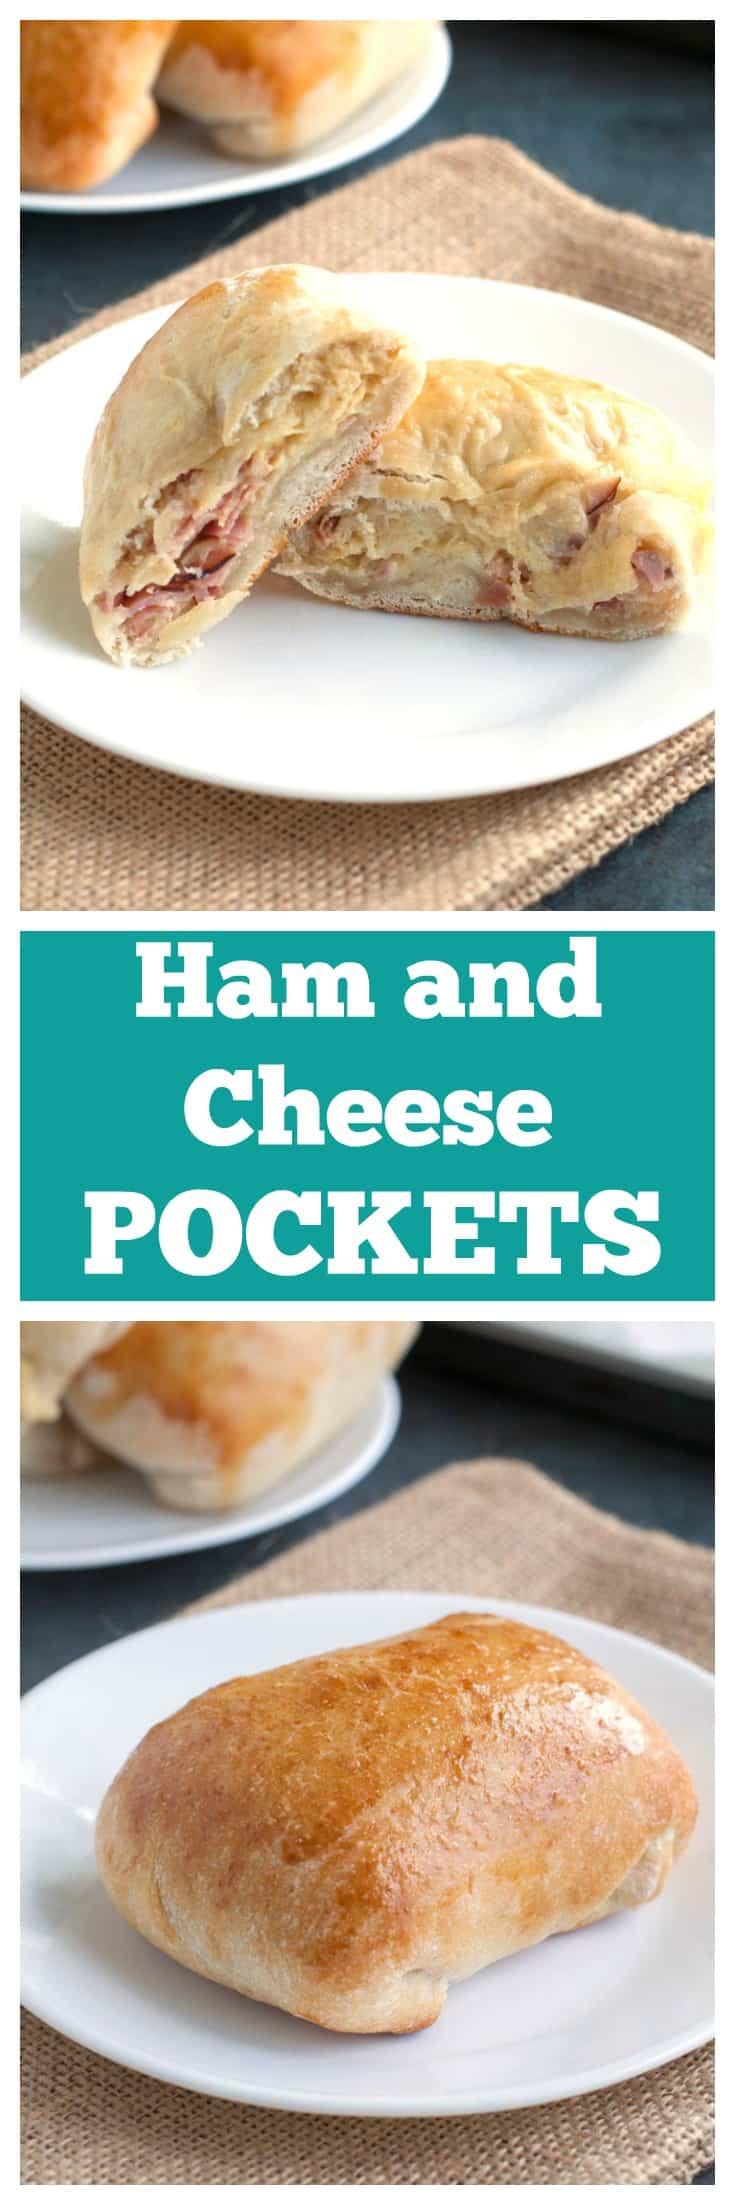 Ham and Cheese Pockets PIN